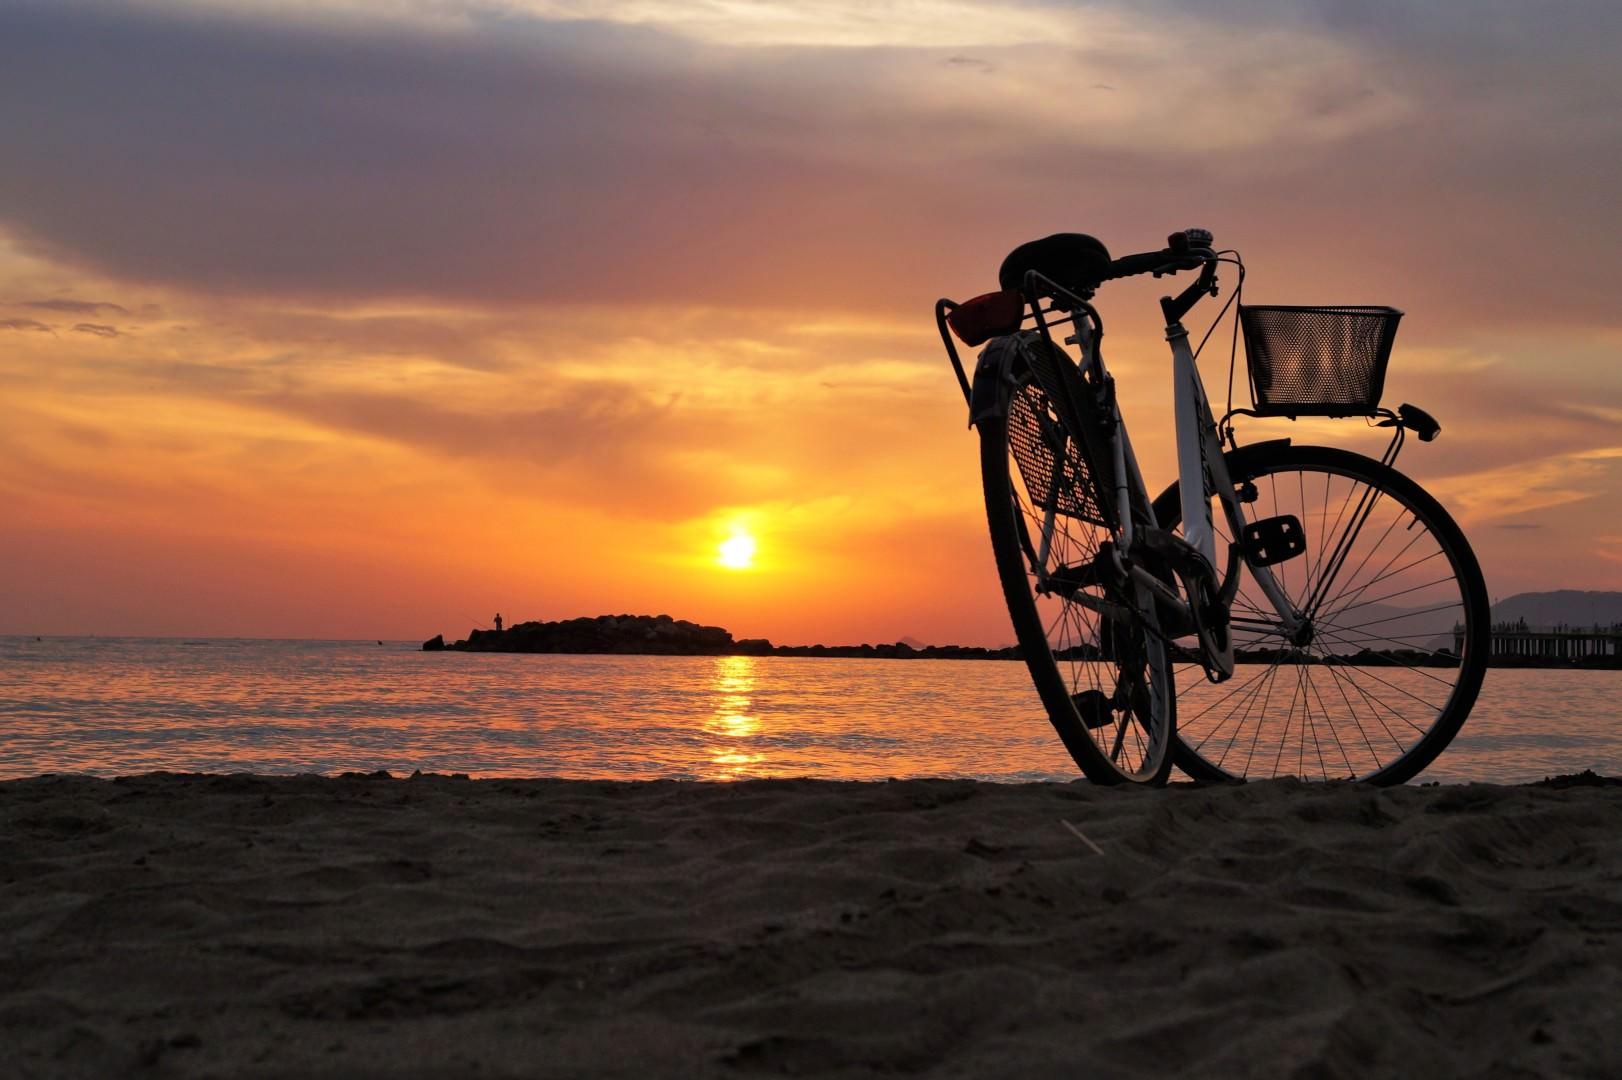 Odzież rowerowa, czyli najlepsze spodenki i koszulki rowerowe tego sezonu!